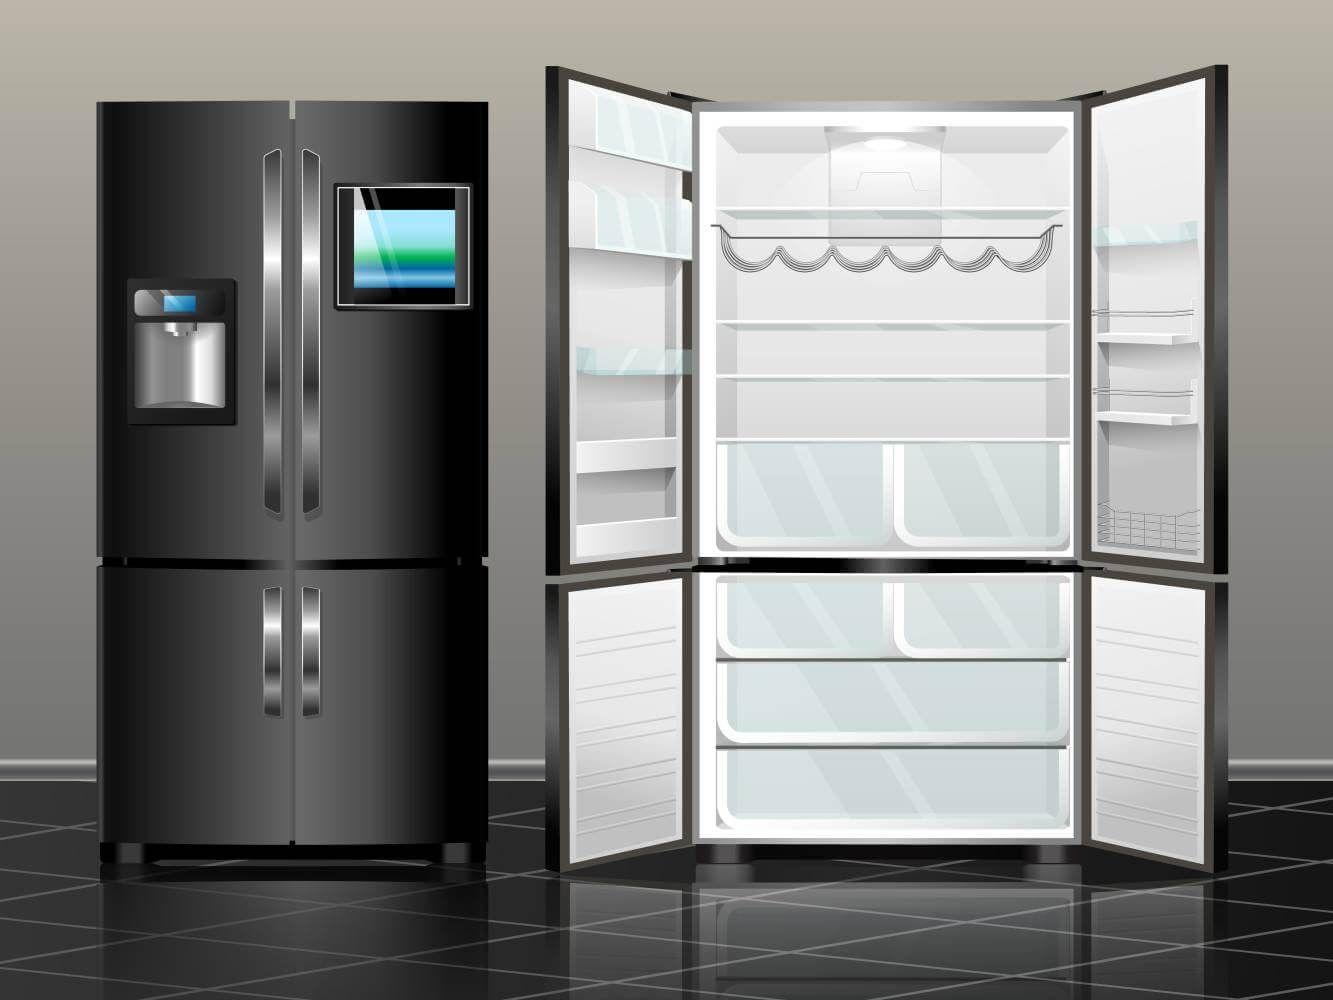 Siltal Automatic Kühlschrank Ersatzteile : Amerikanischer kühlschrank von miele offene küche mit side by